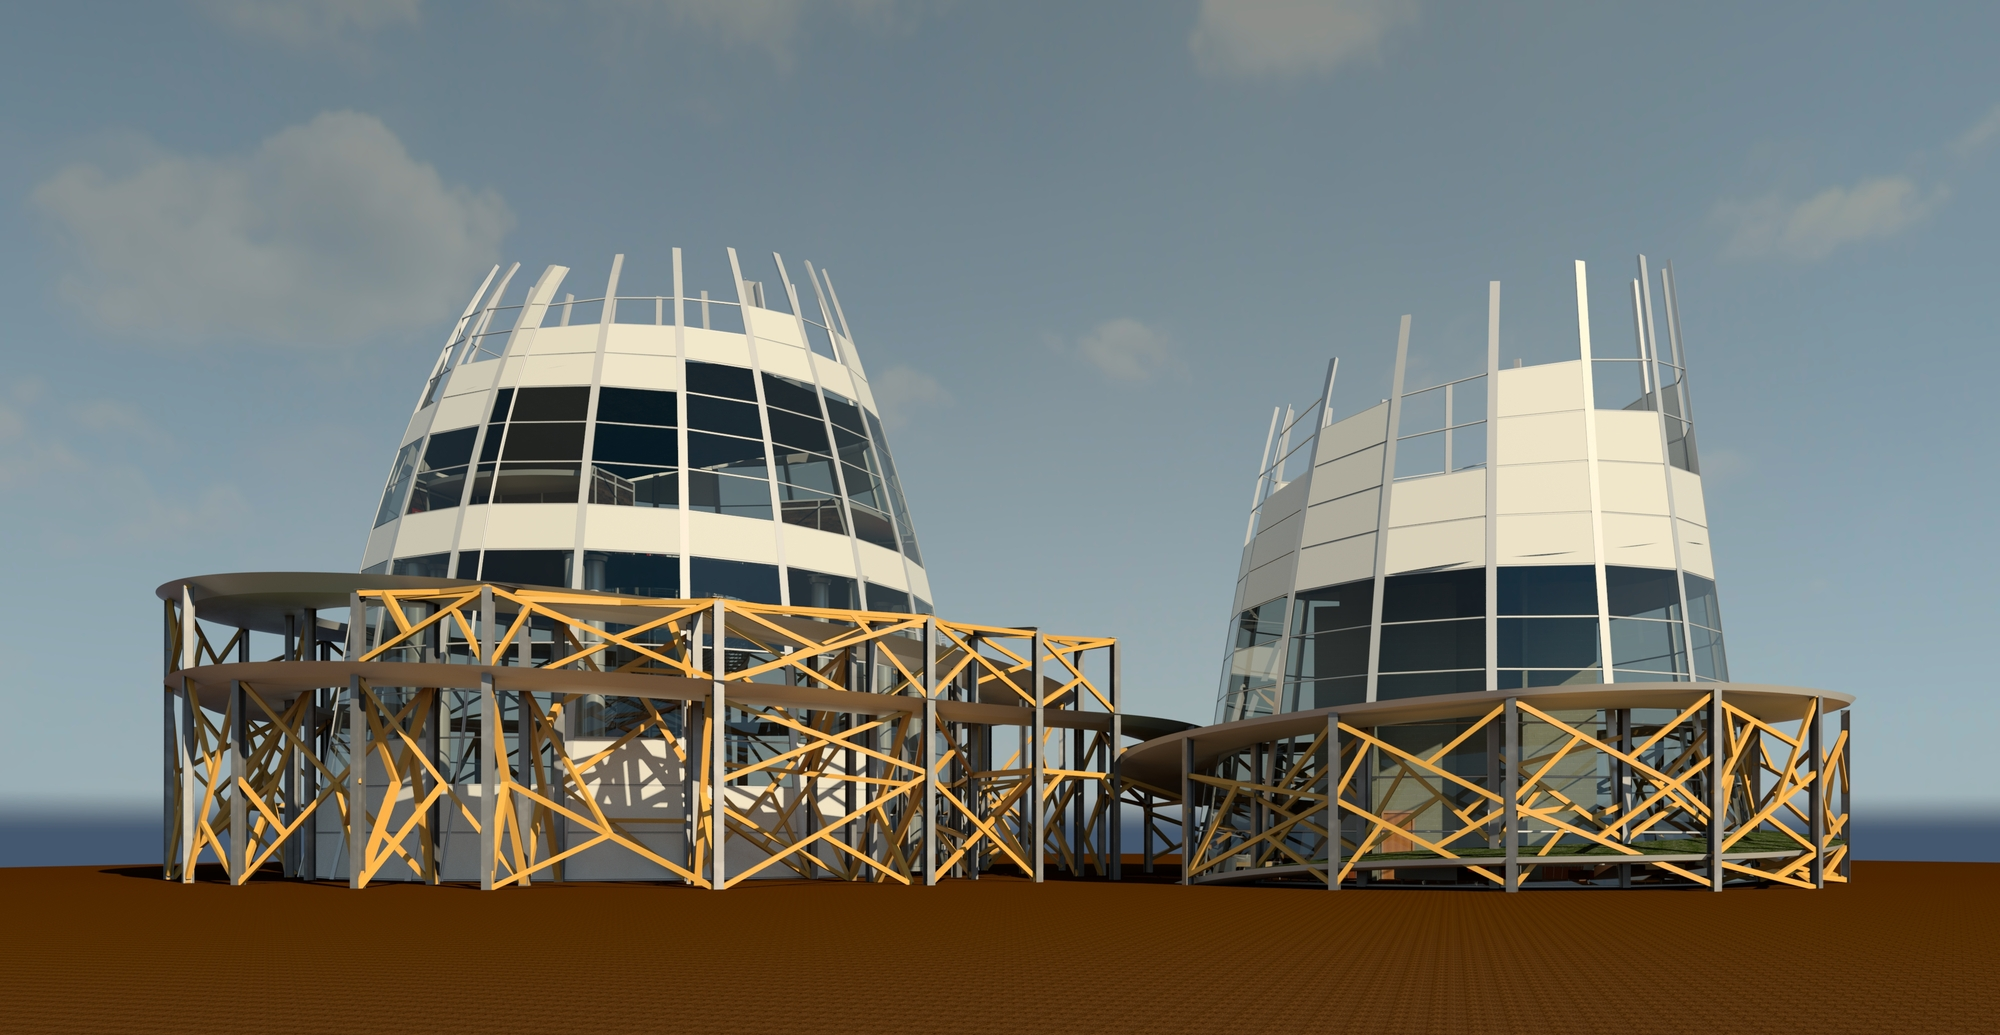 Raas-rendering20141005-24789-1jovyfp